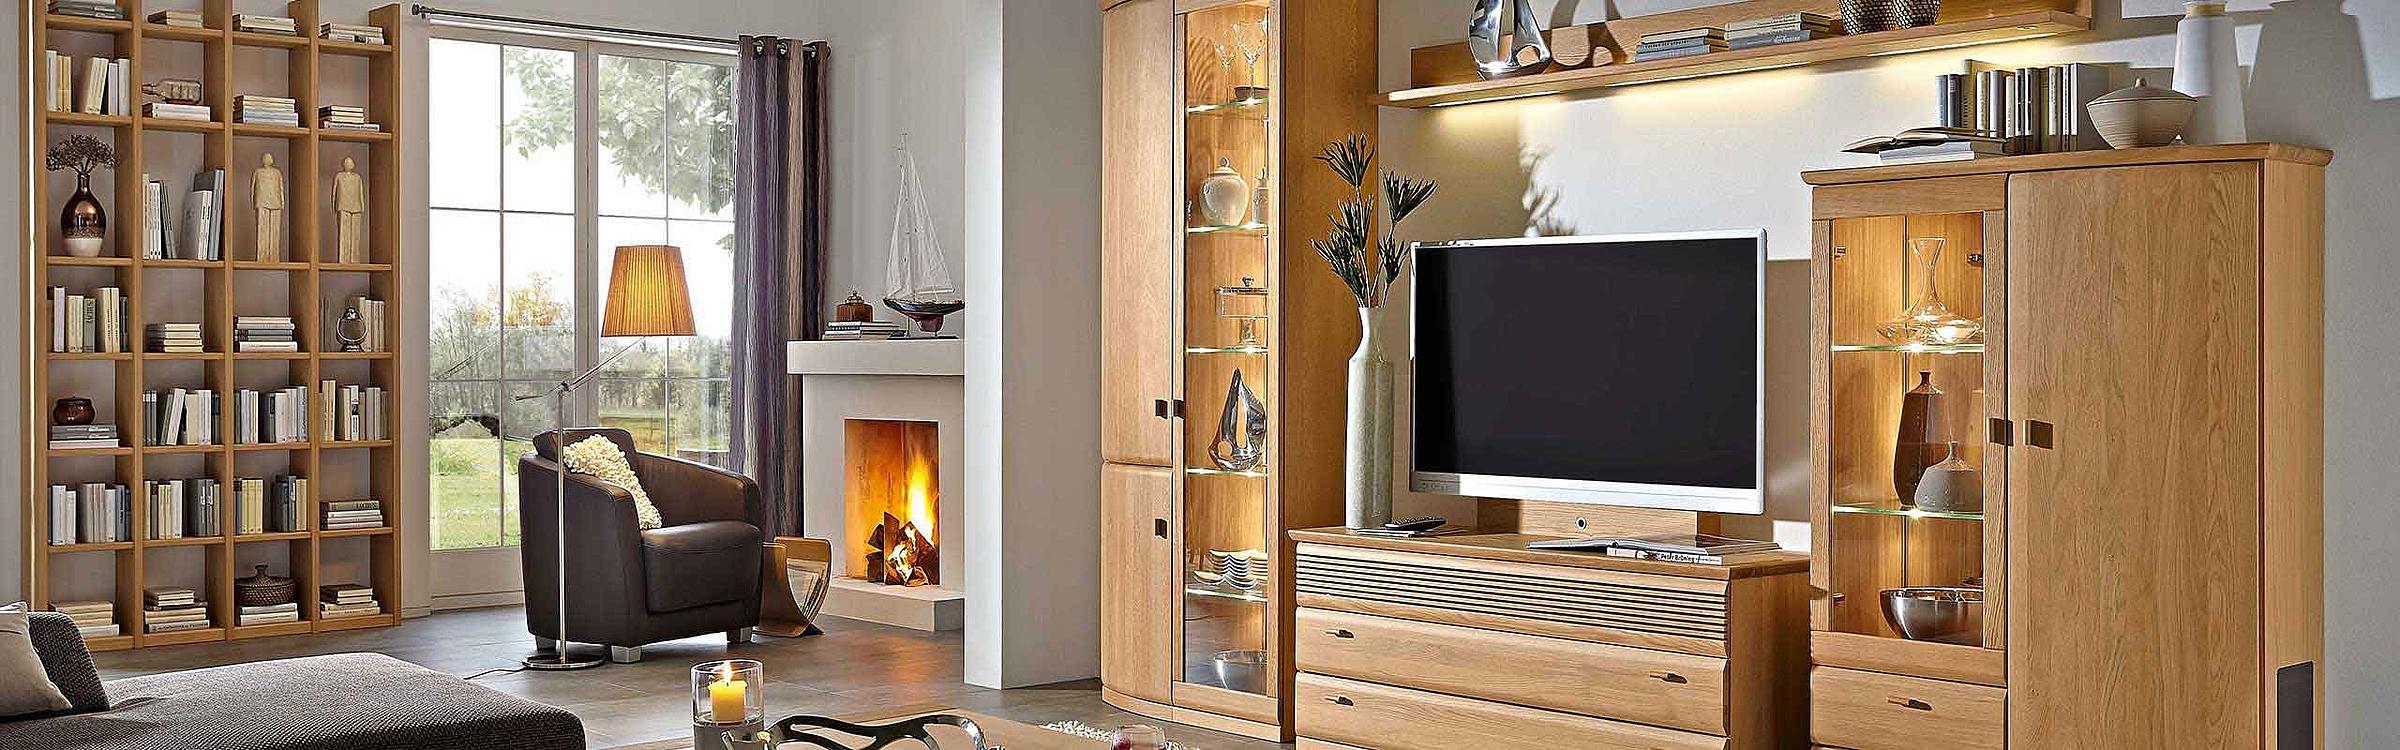 Regal Couchtisch Wohnwand Wohnzimmer Opus massiv